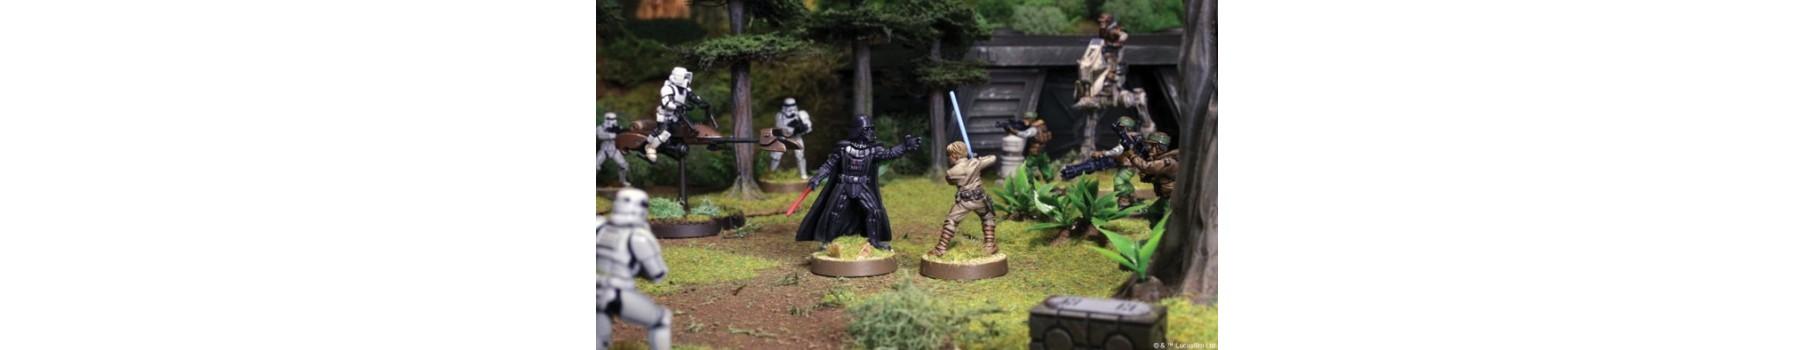 L'Univers Star Wars Legion de votre Ludicaire Au Chapeau enchanté